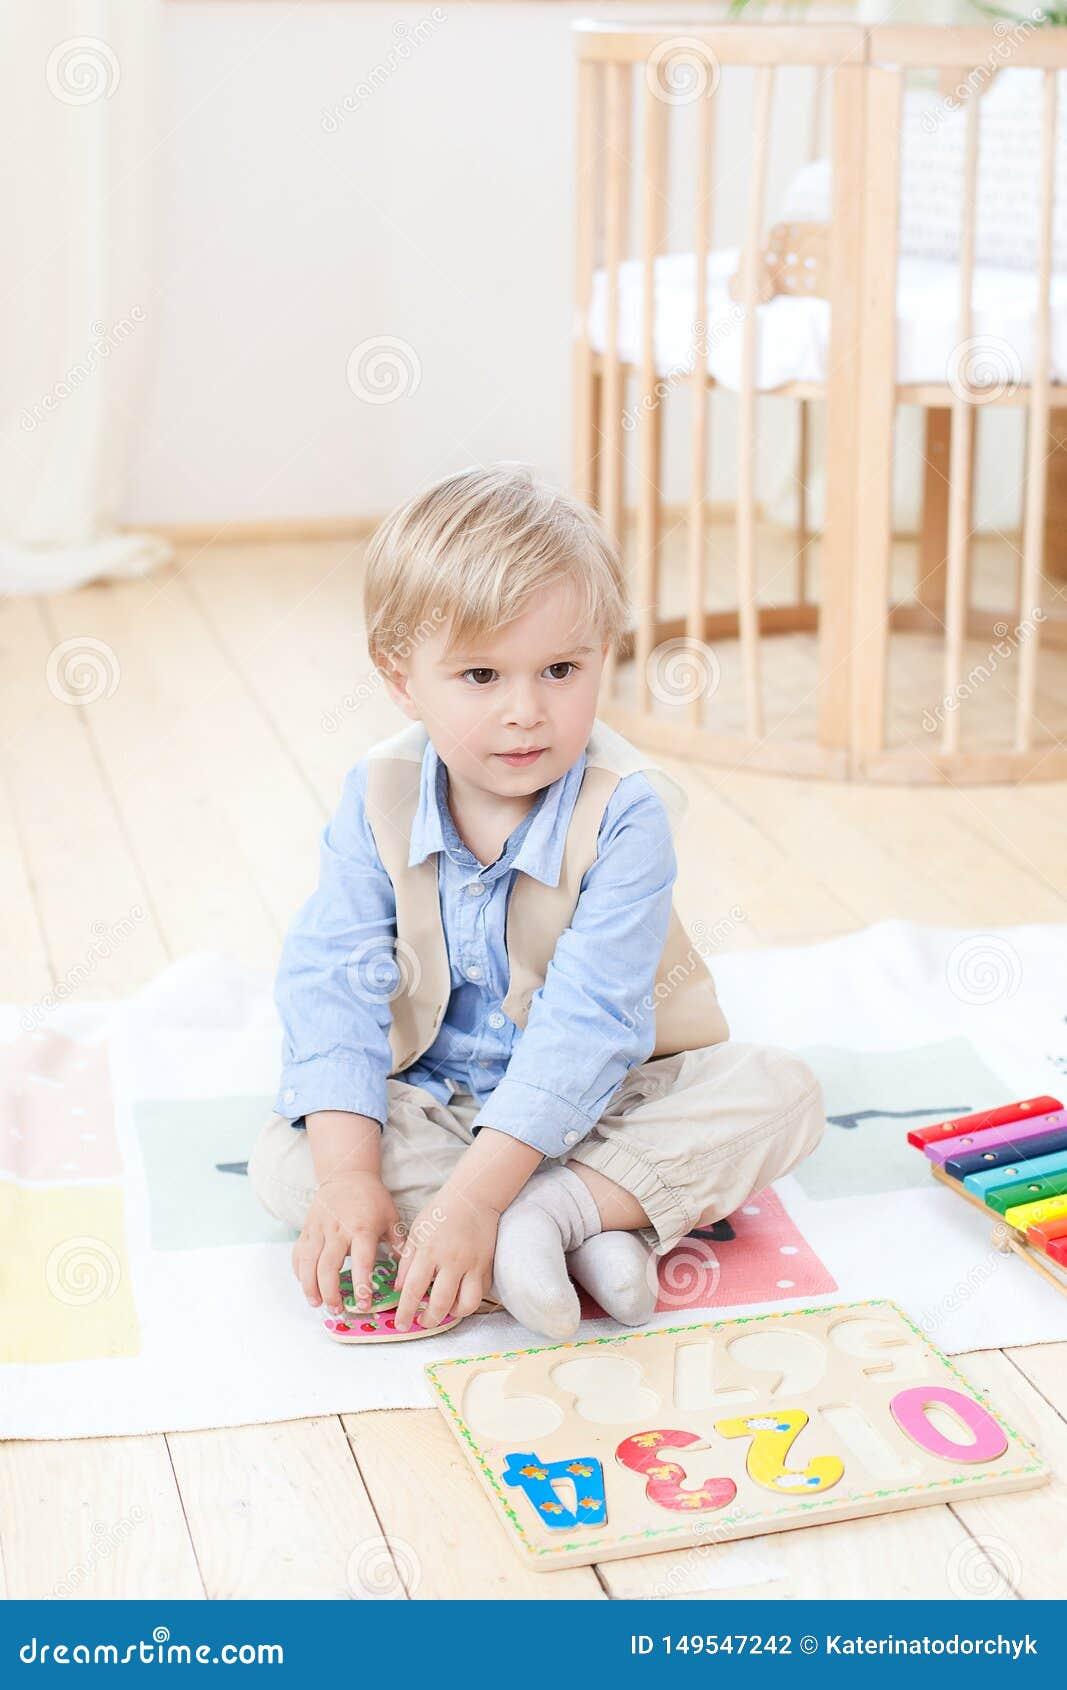 Мальчик играет с деревянными игрушками дома Воспитательные деревянные игрушки для ребенка Портрет мальчика сидя на поле в ребенке